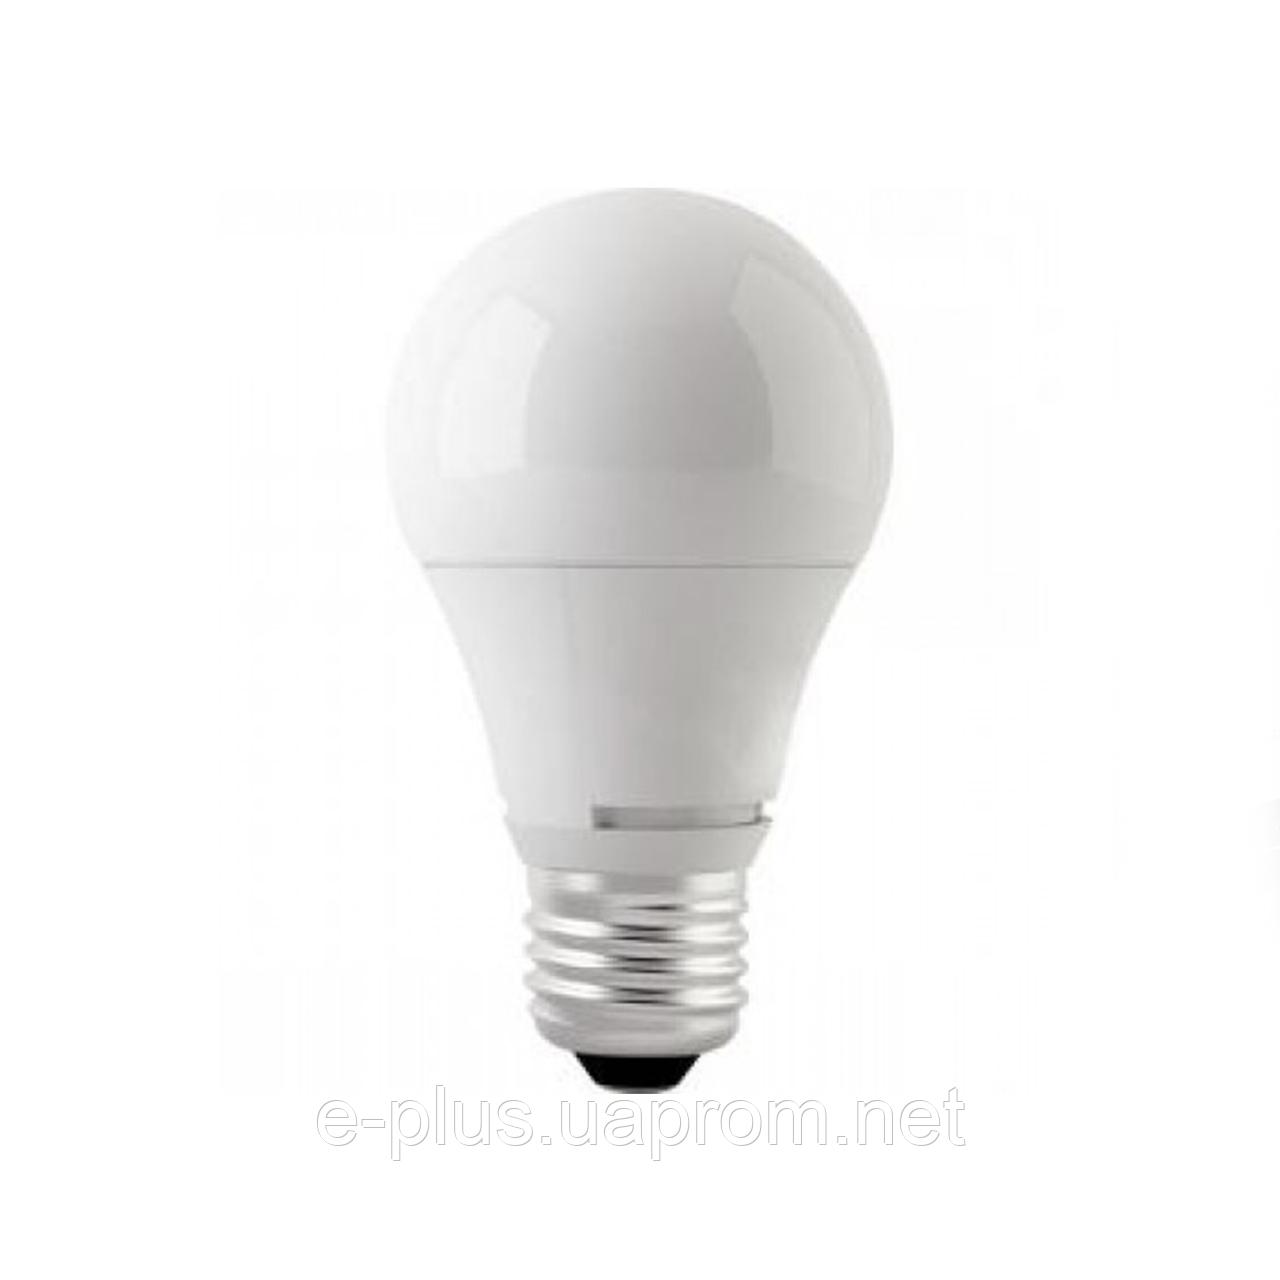 Светодиодная лампа Feron  А60 10Вт Е27 4000К LB710